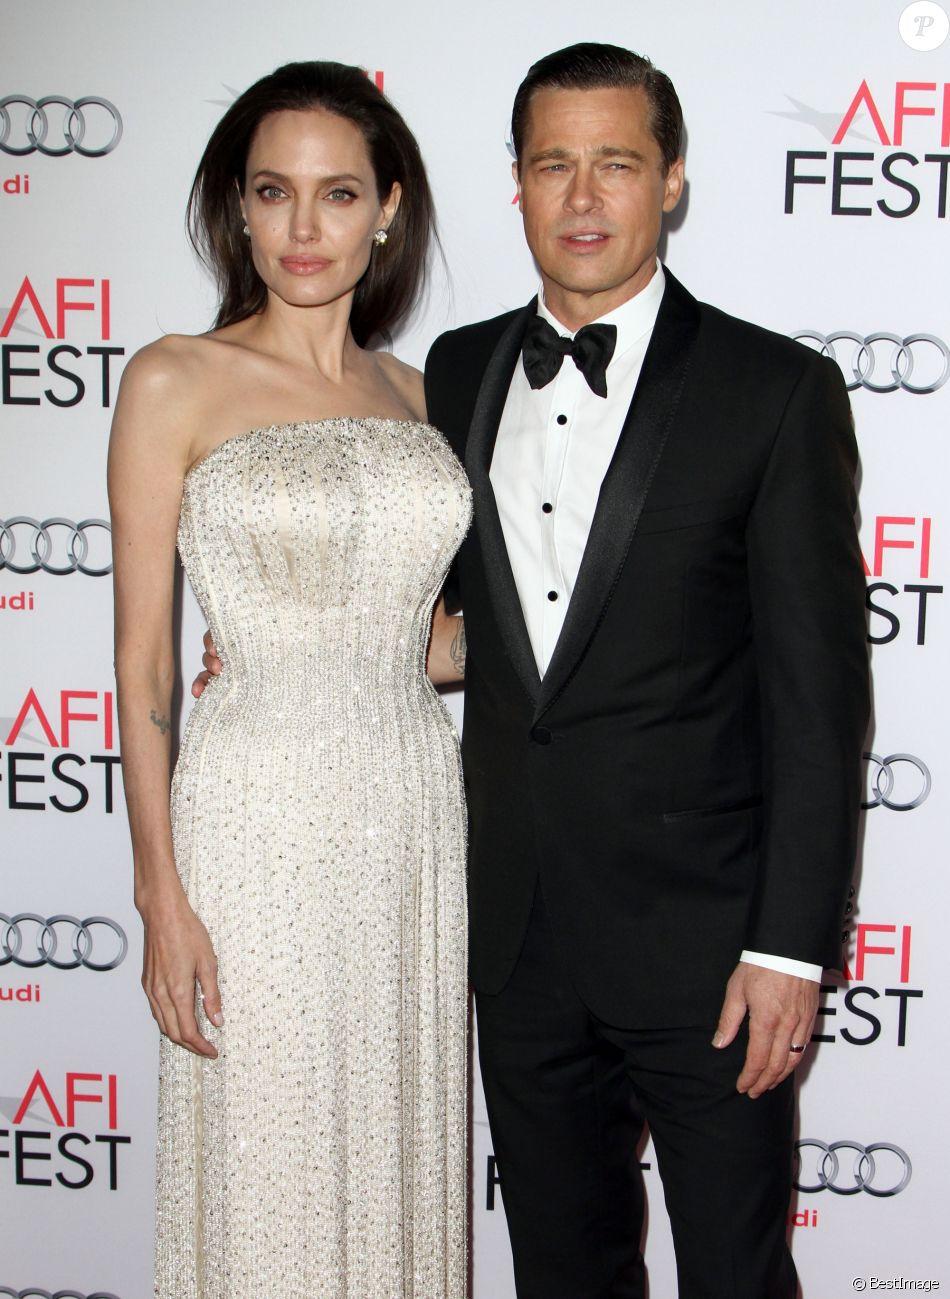 """Angelina Jolie et Brad Pitt - Avant-première du film """"By the Sea"""" lors du gala d'ouverture de l'AFI Fest à Hollywood, le 5 novembre 2015."""